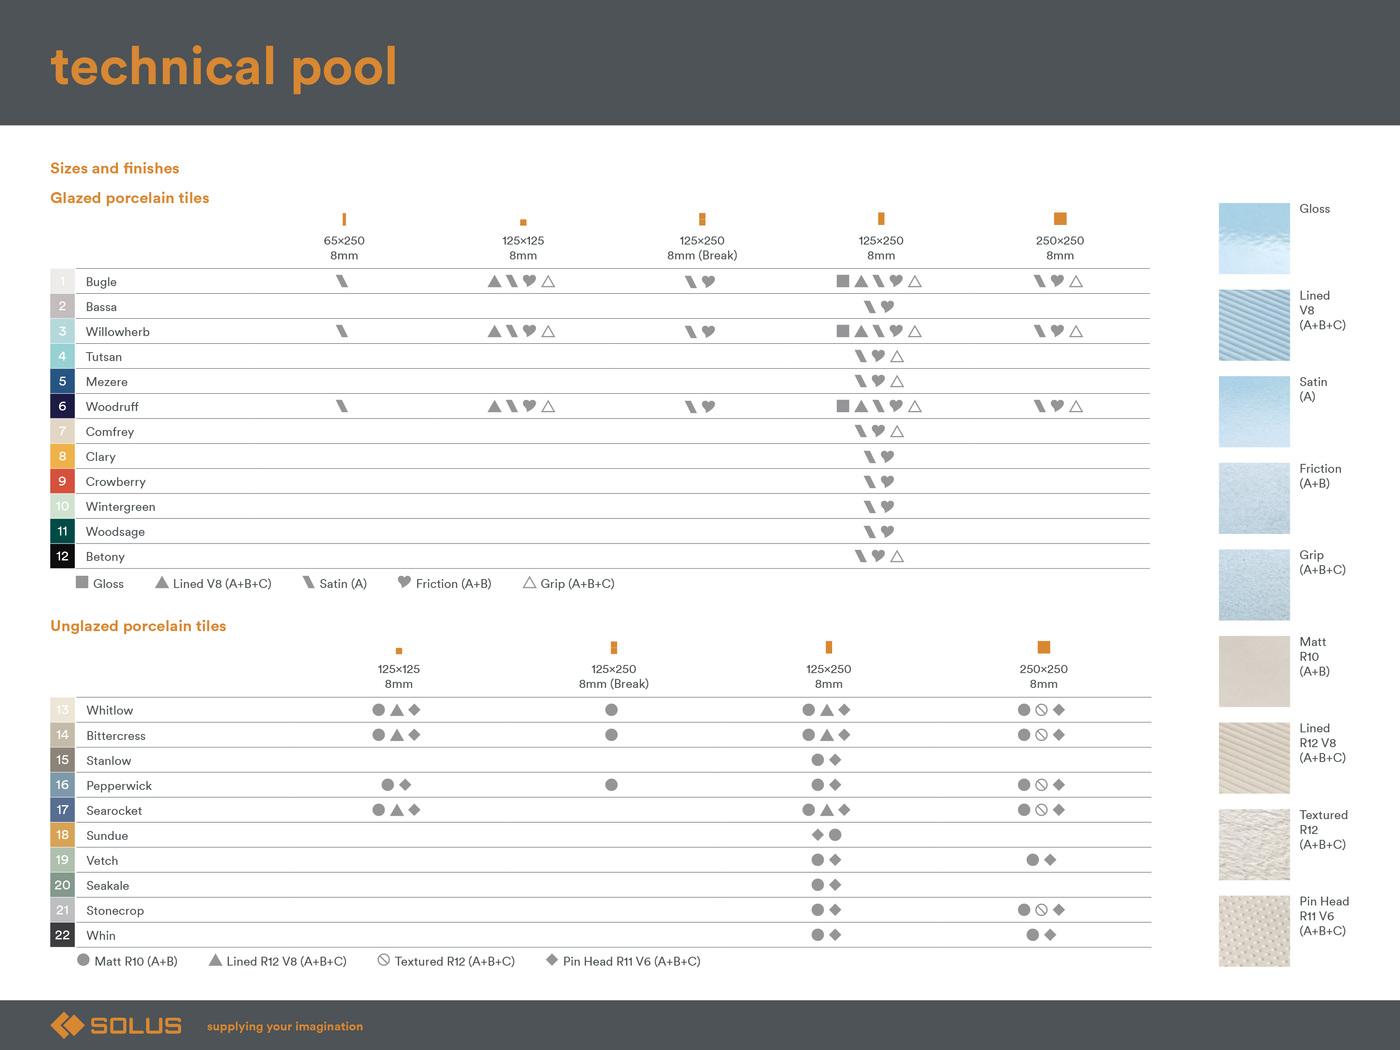 Lara-Jane van Antwerpen - Digital Brochure - Technical Pool 3